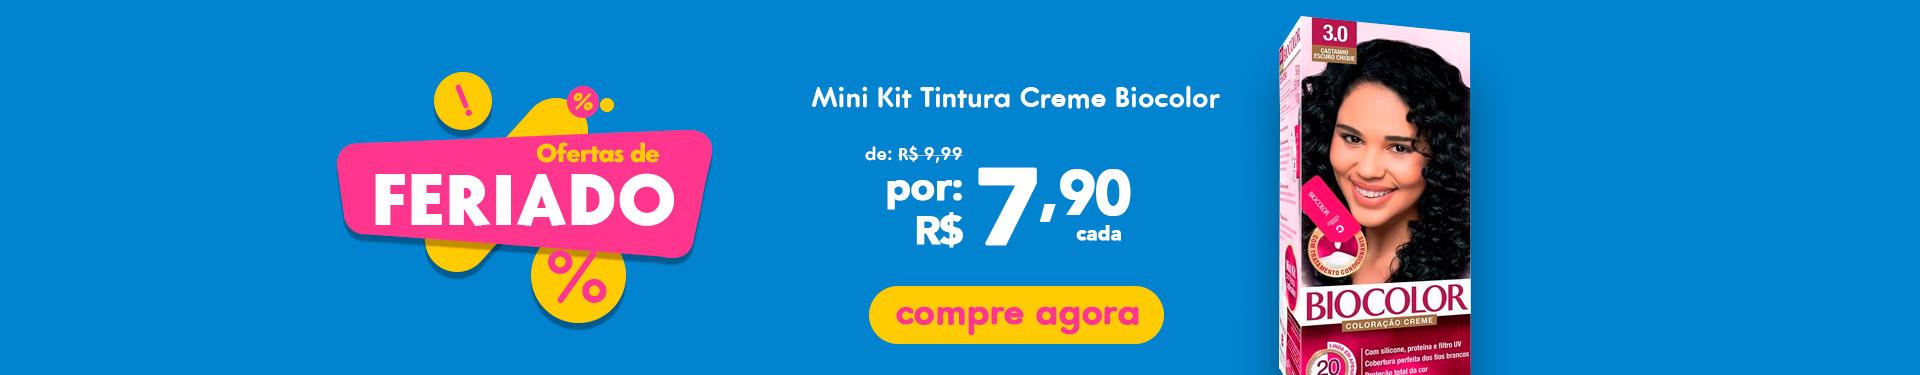 FERIADO - biocolor